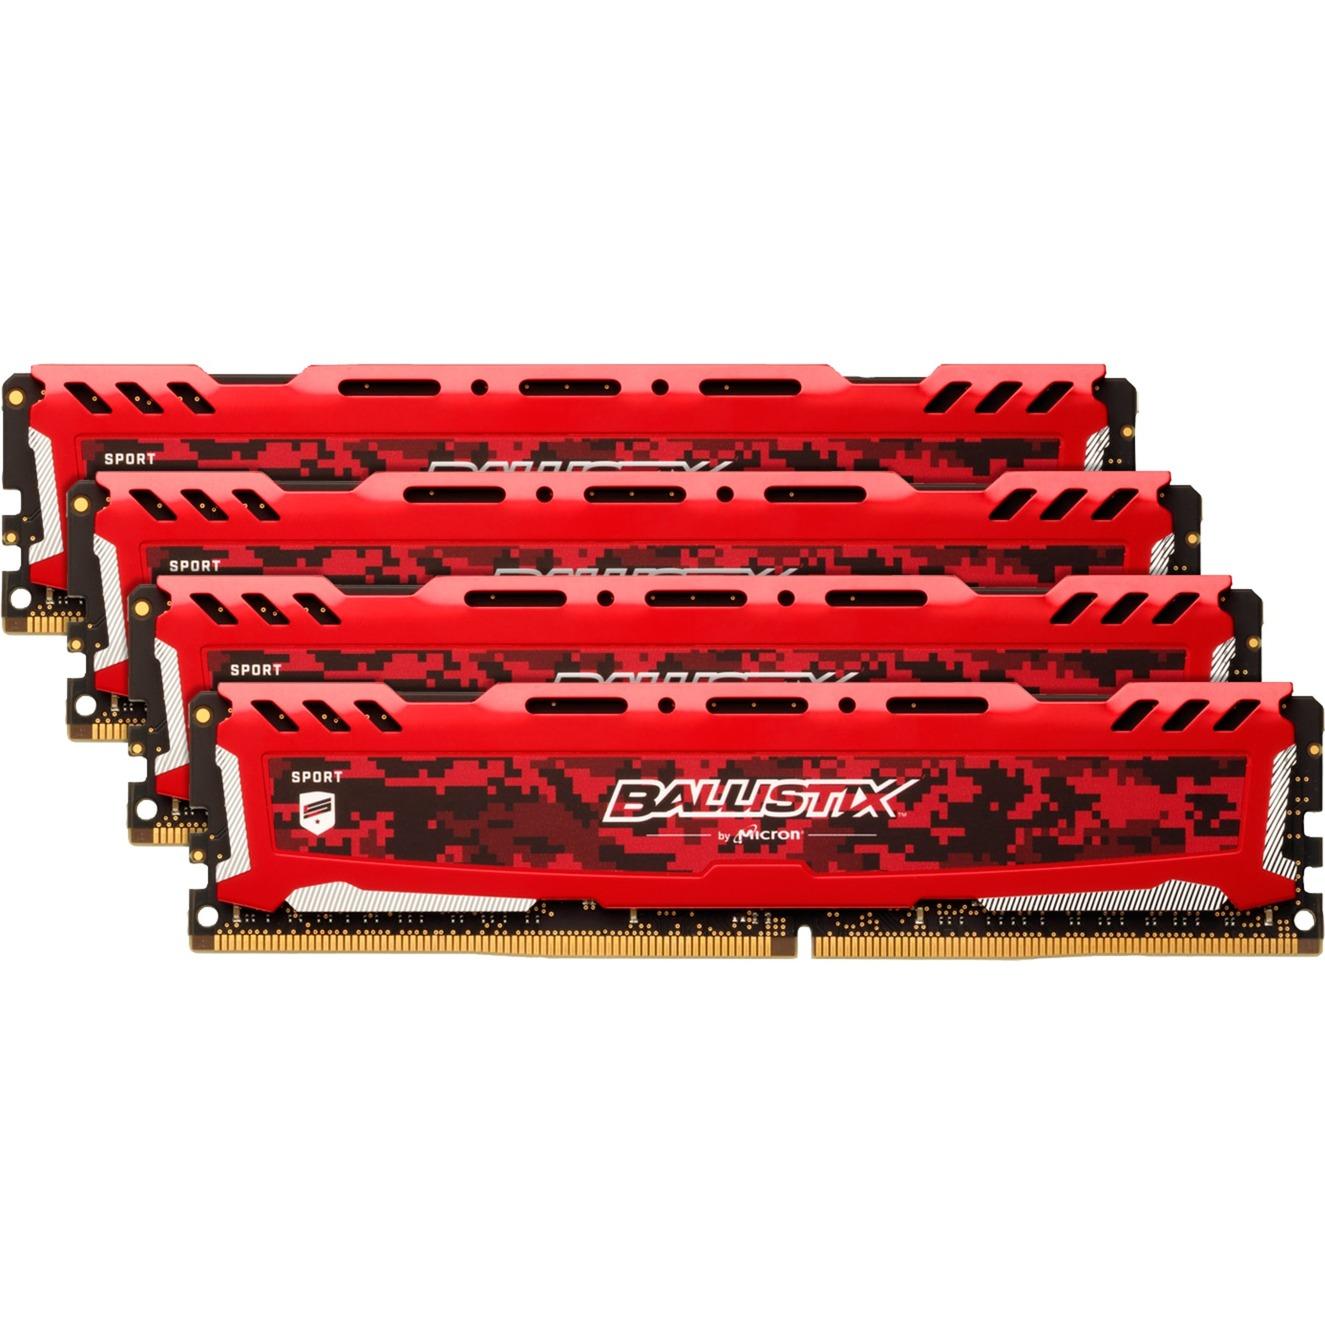 BLS4C16G4D26BFSE 64Go DDR4 2666MHz module de mémoire